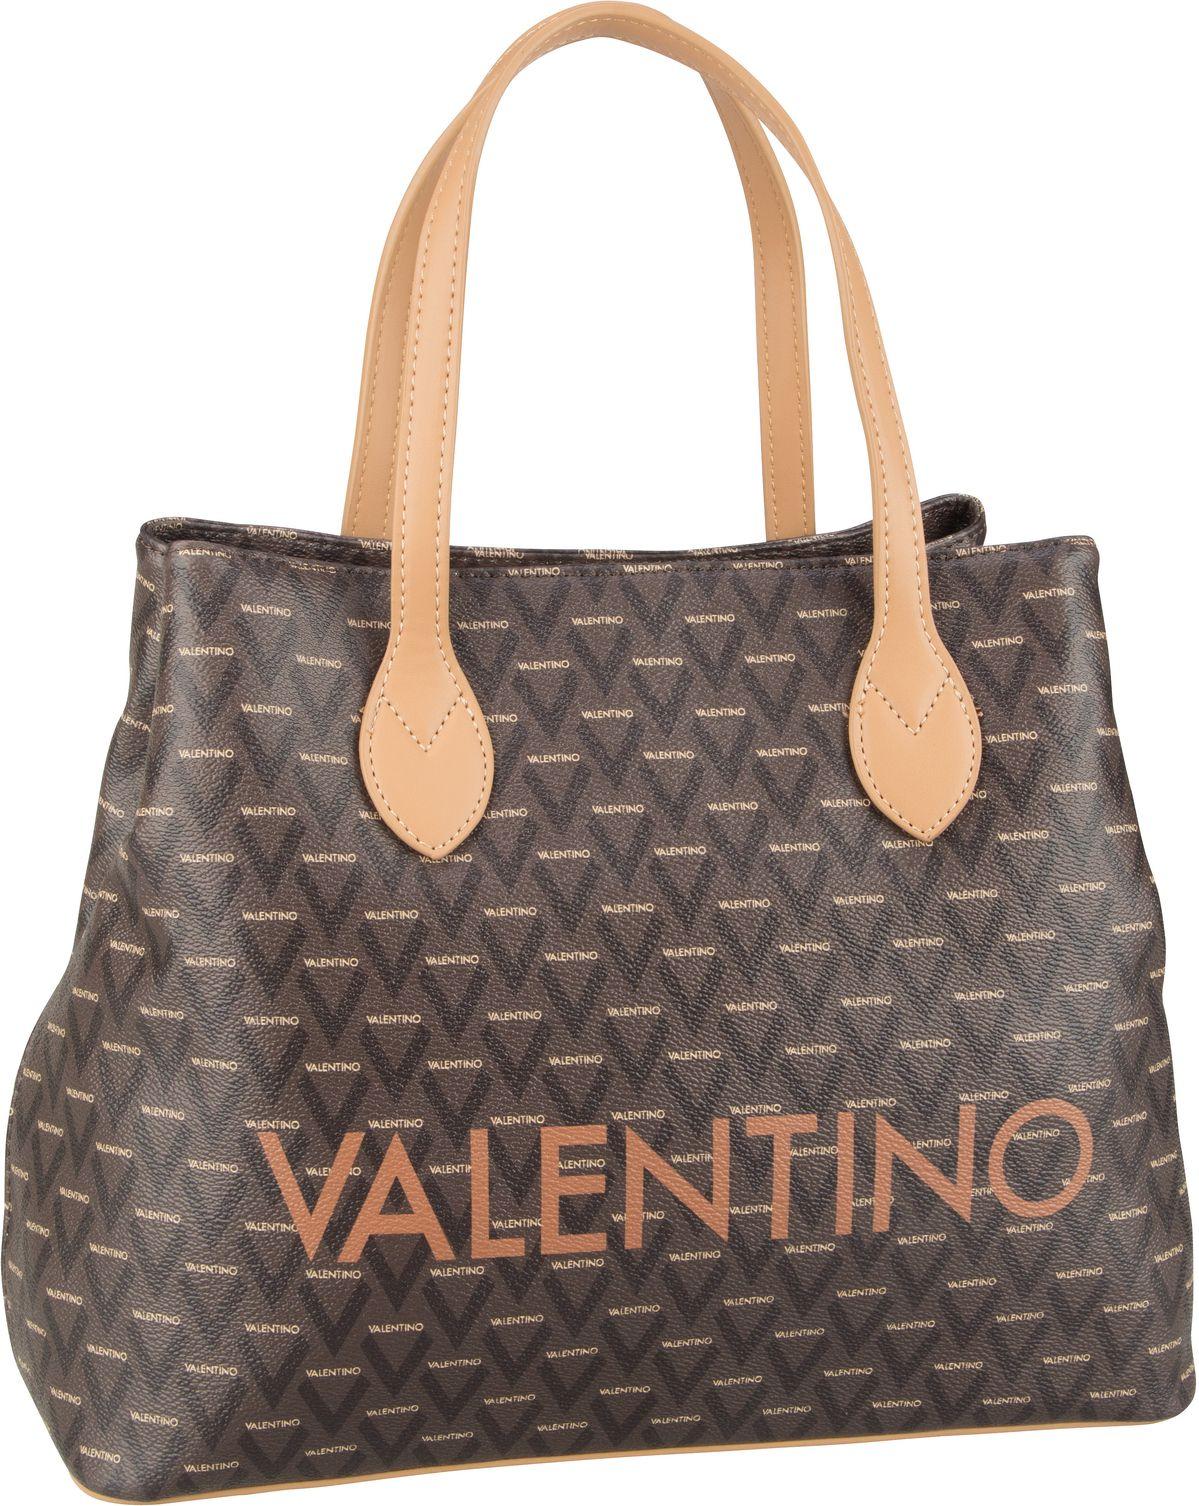 Bags Handtasche Liuto Shopping G02 Cuoio/Multicolor